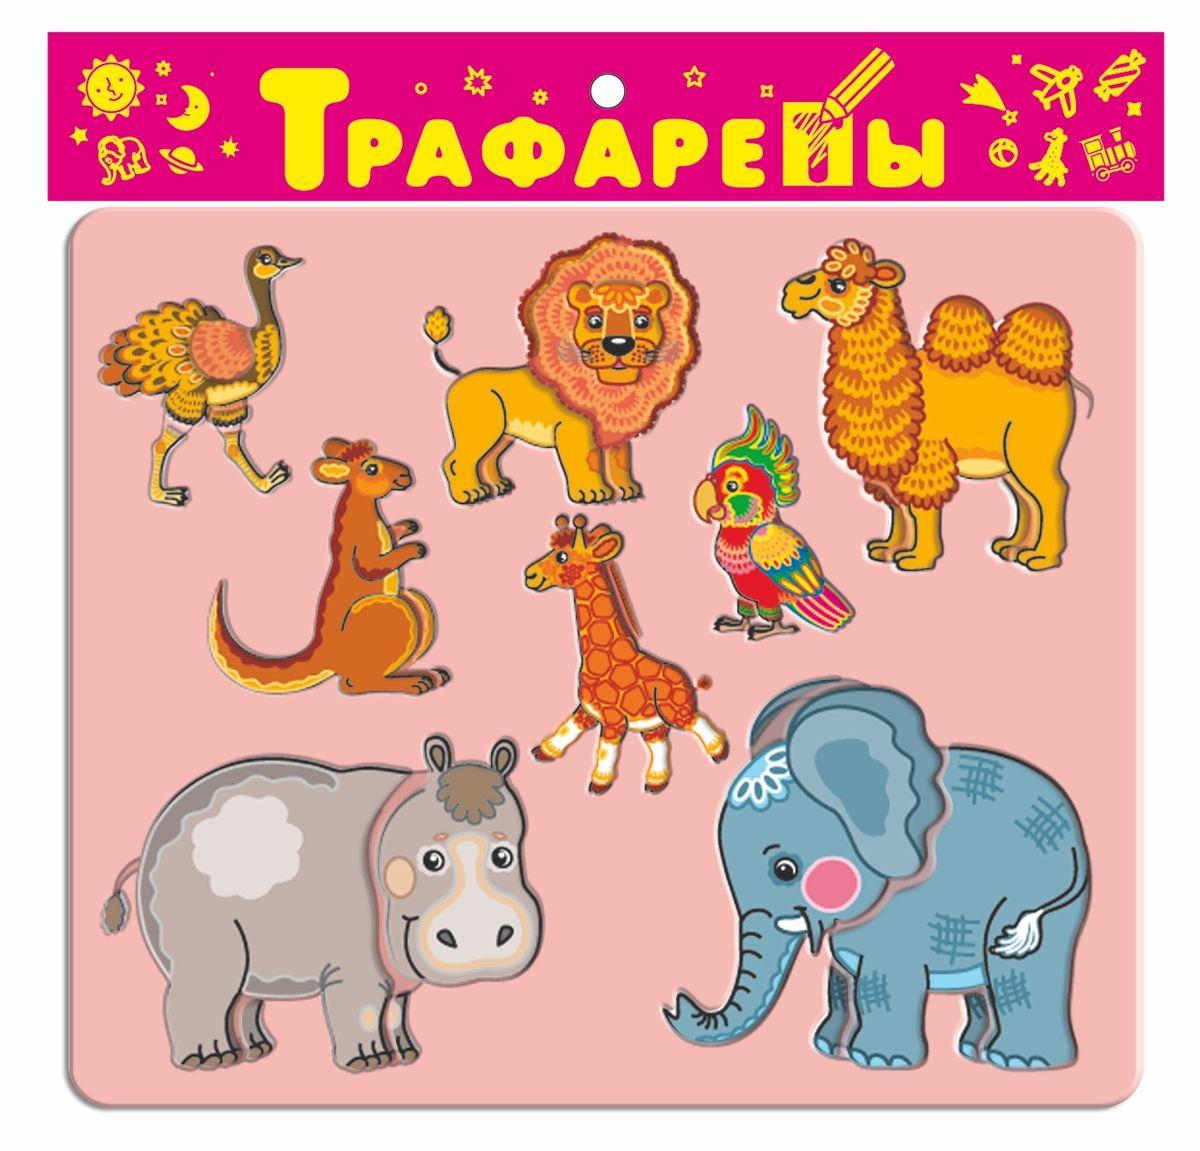 Дрофа-Медиа Пазл для малышей Экзотические животные1602С помощью трафаретов дети научатся обводить контуры предметов, дорисовывать и раскрашивать получившиеся изображения, глядя на цветную картинку-образец. В дальнейшем ребята смогут рисовать не только отдельные фигурки, но и сюжетные композиции с использованием нескольких предметов.